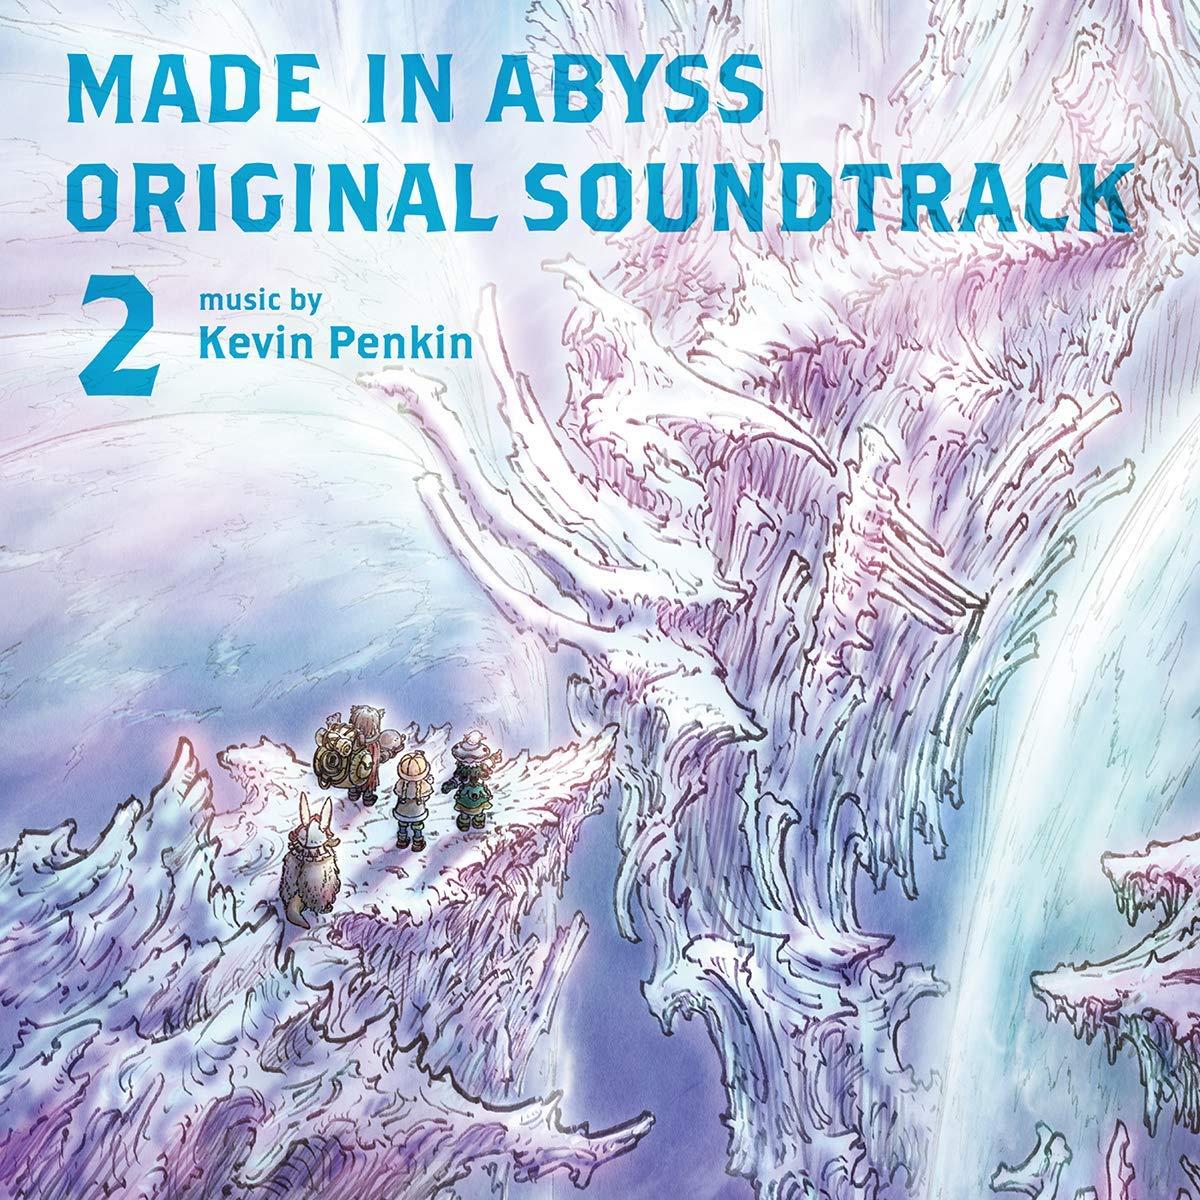 MADE IN ABYSS ORIGINAL SOUNDTRACK 2 劇場版「メイドインアビス 深き魂の黎明」オリジナルサウンドトラック